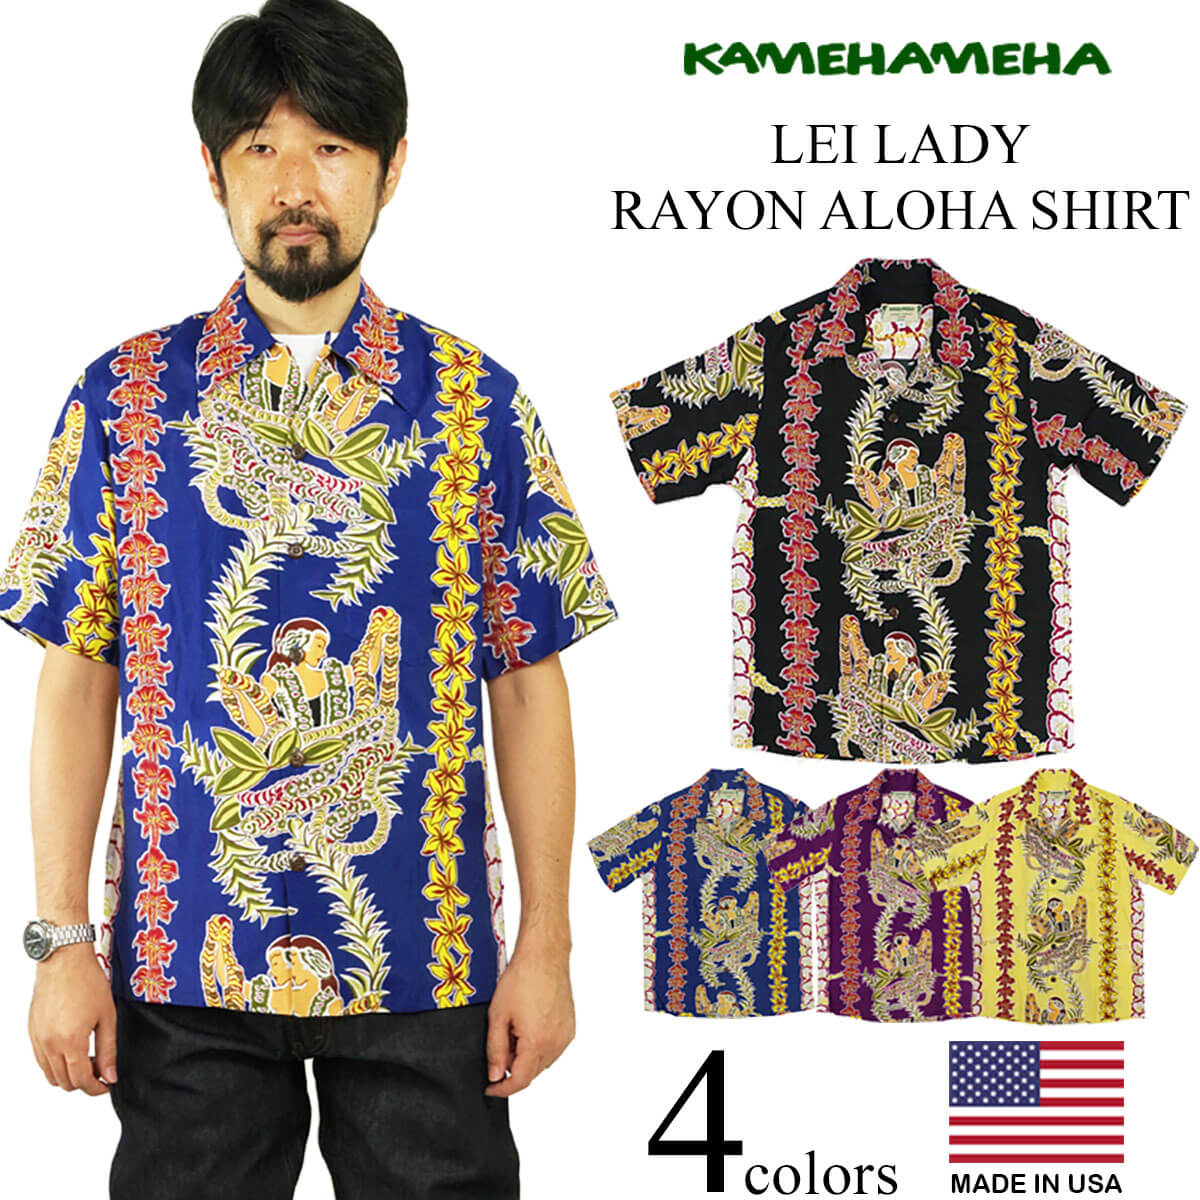 カメハメハ KAMEHAMEHA 半袖 アロハシャツ レイレディ ハワイ製 (米国製 LEI LADY 開襟 レーヨン)